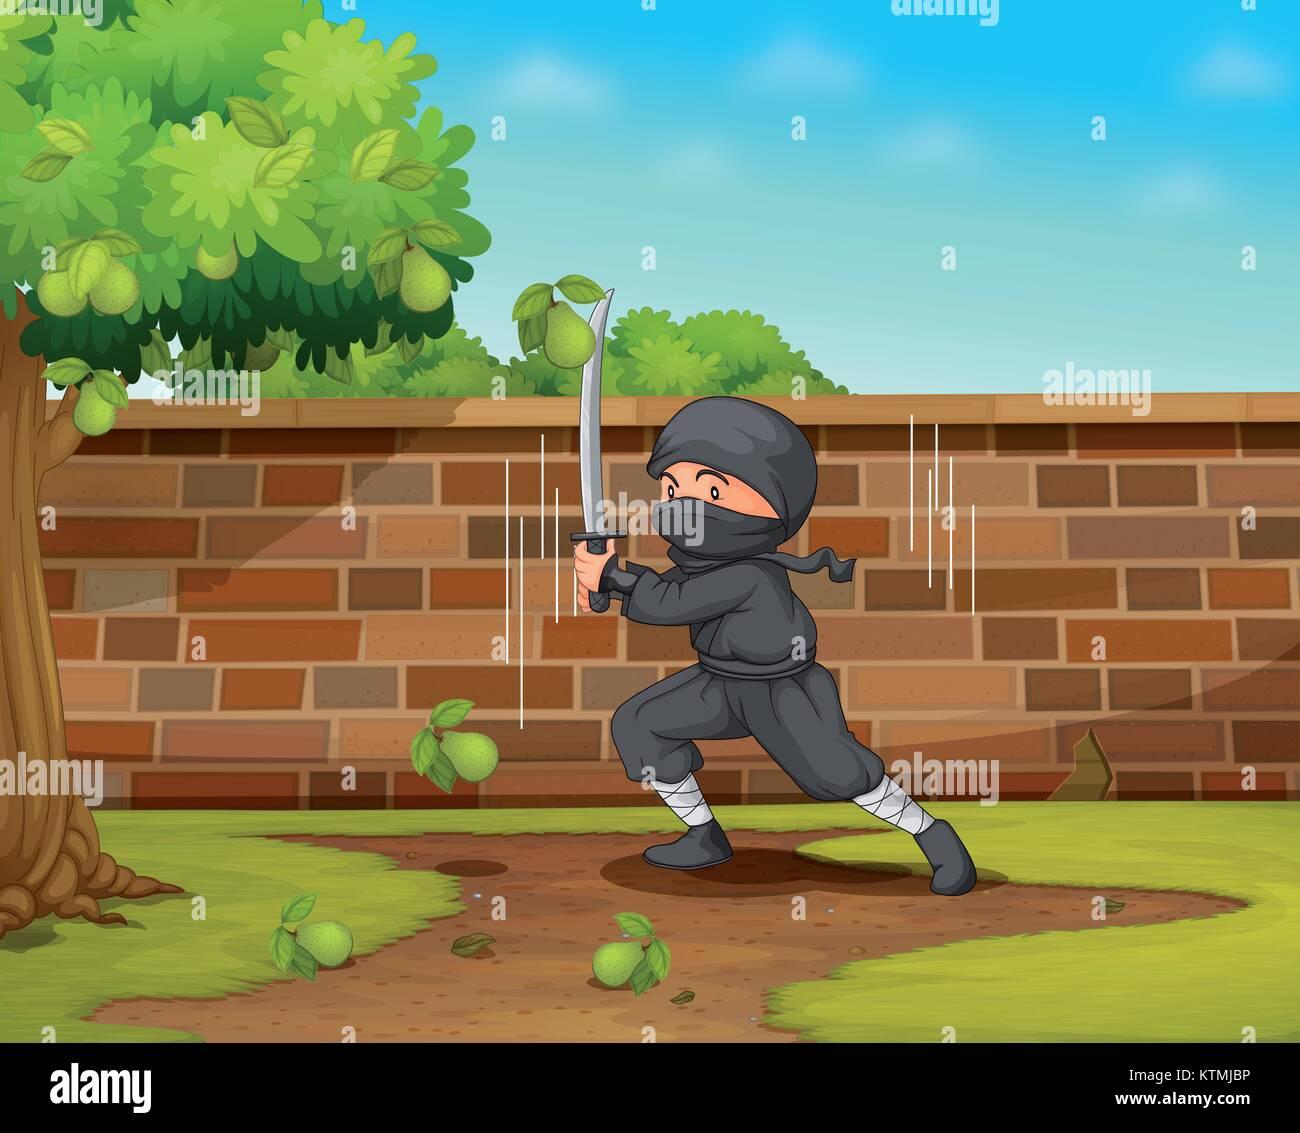 Illustration of a ninja in a garden - Stock Vector